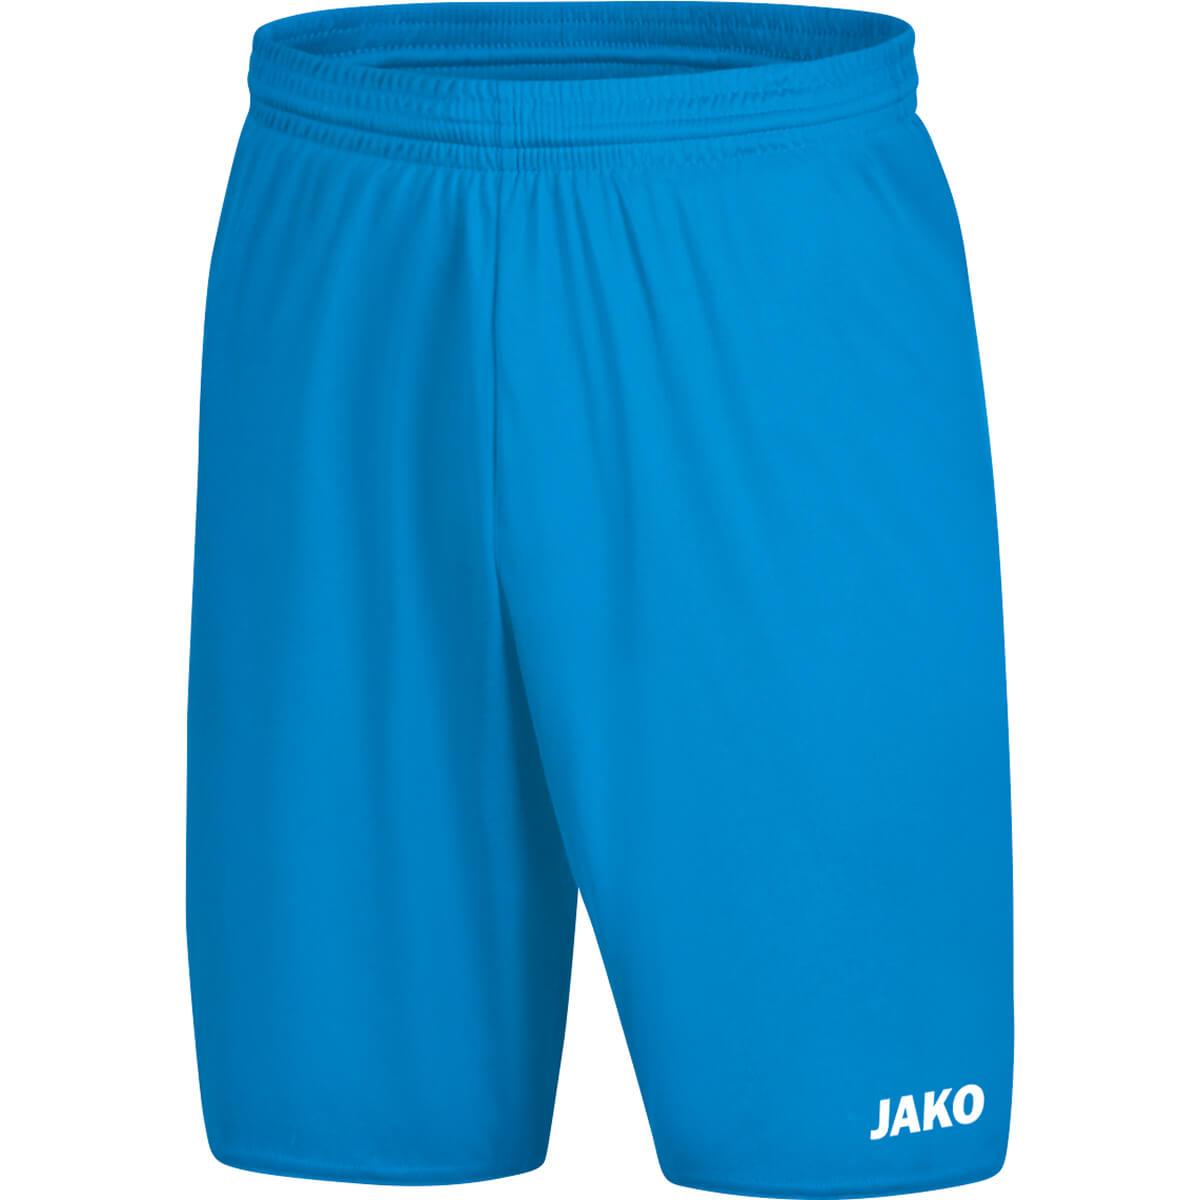 JAKO blau